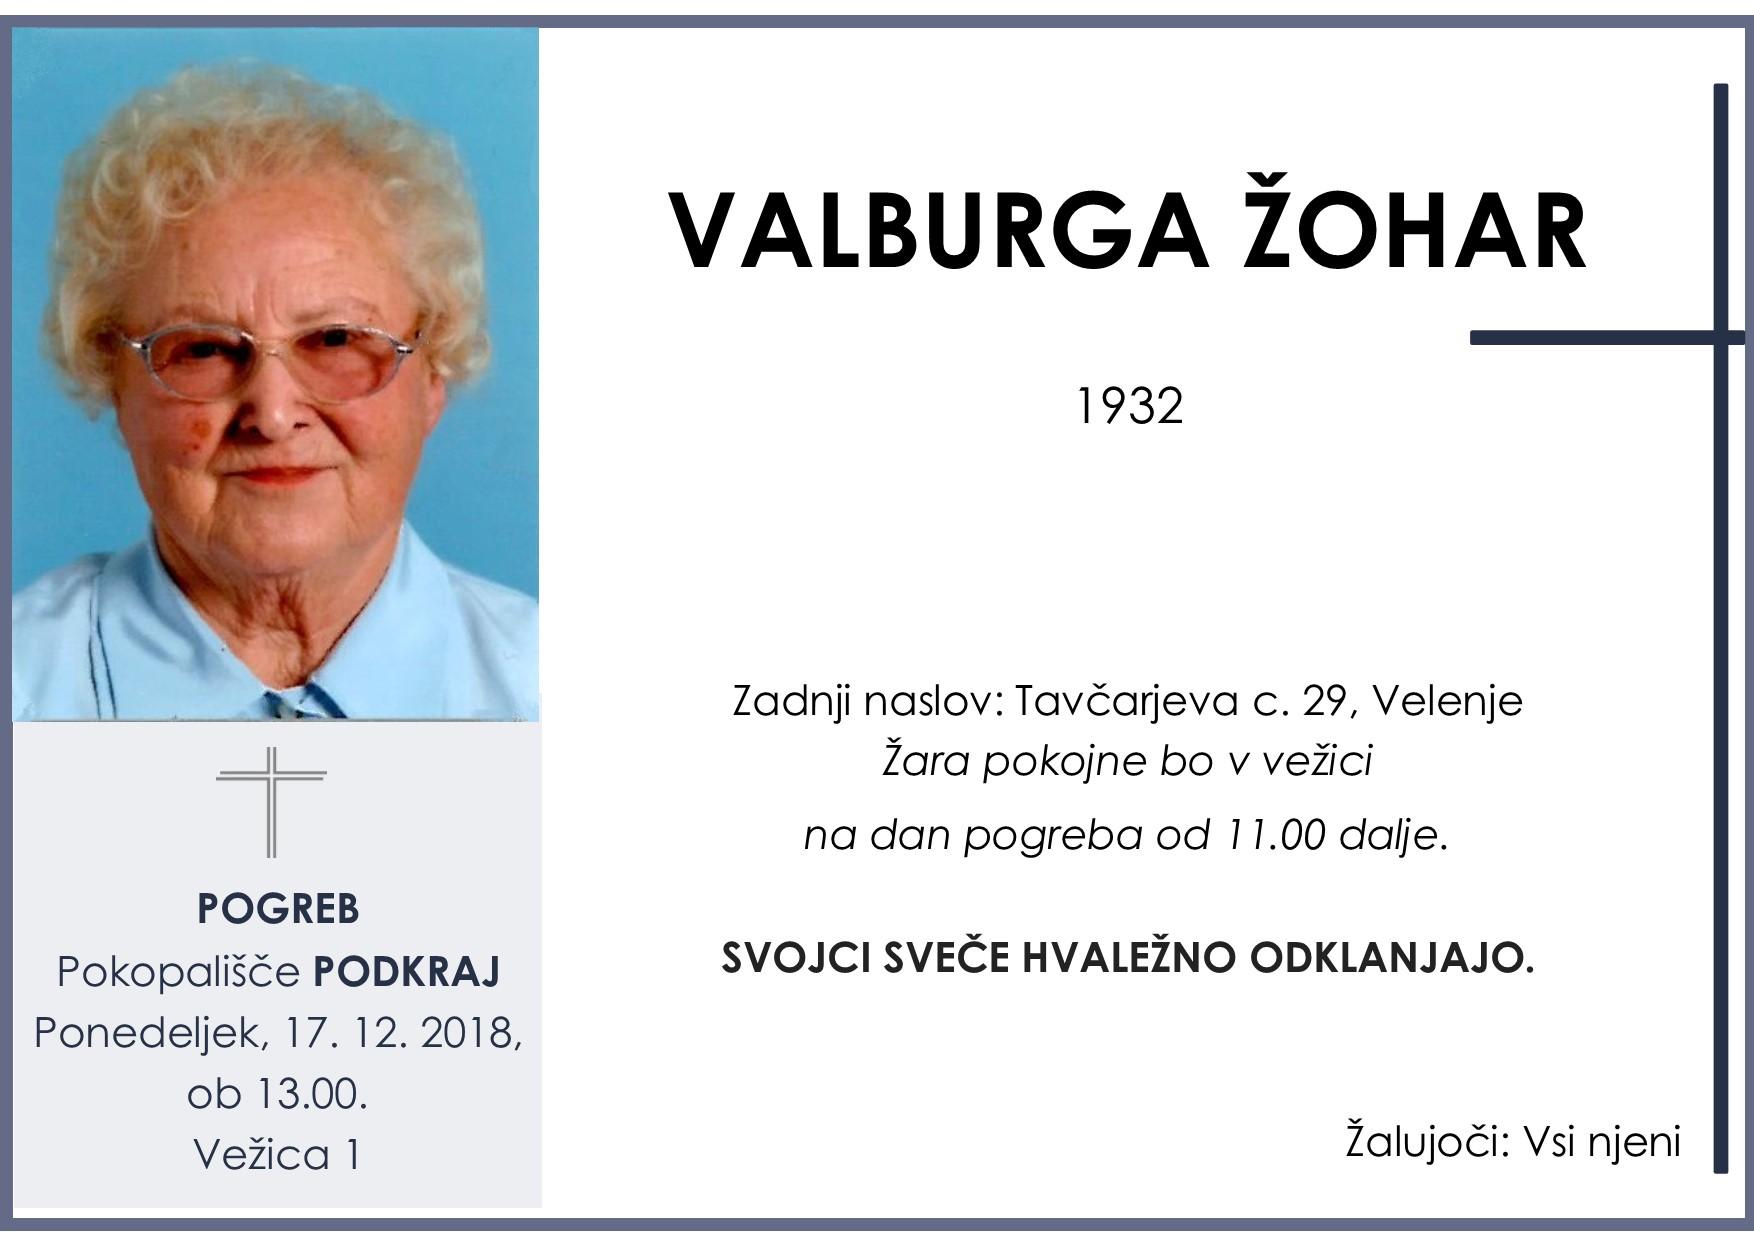 VALBURGA ŽOHAR, Podkraj, 17. 12. 2018